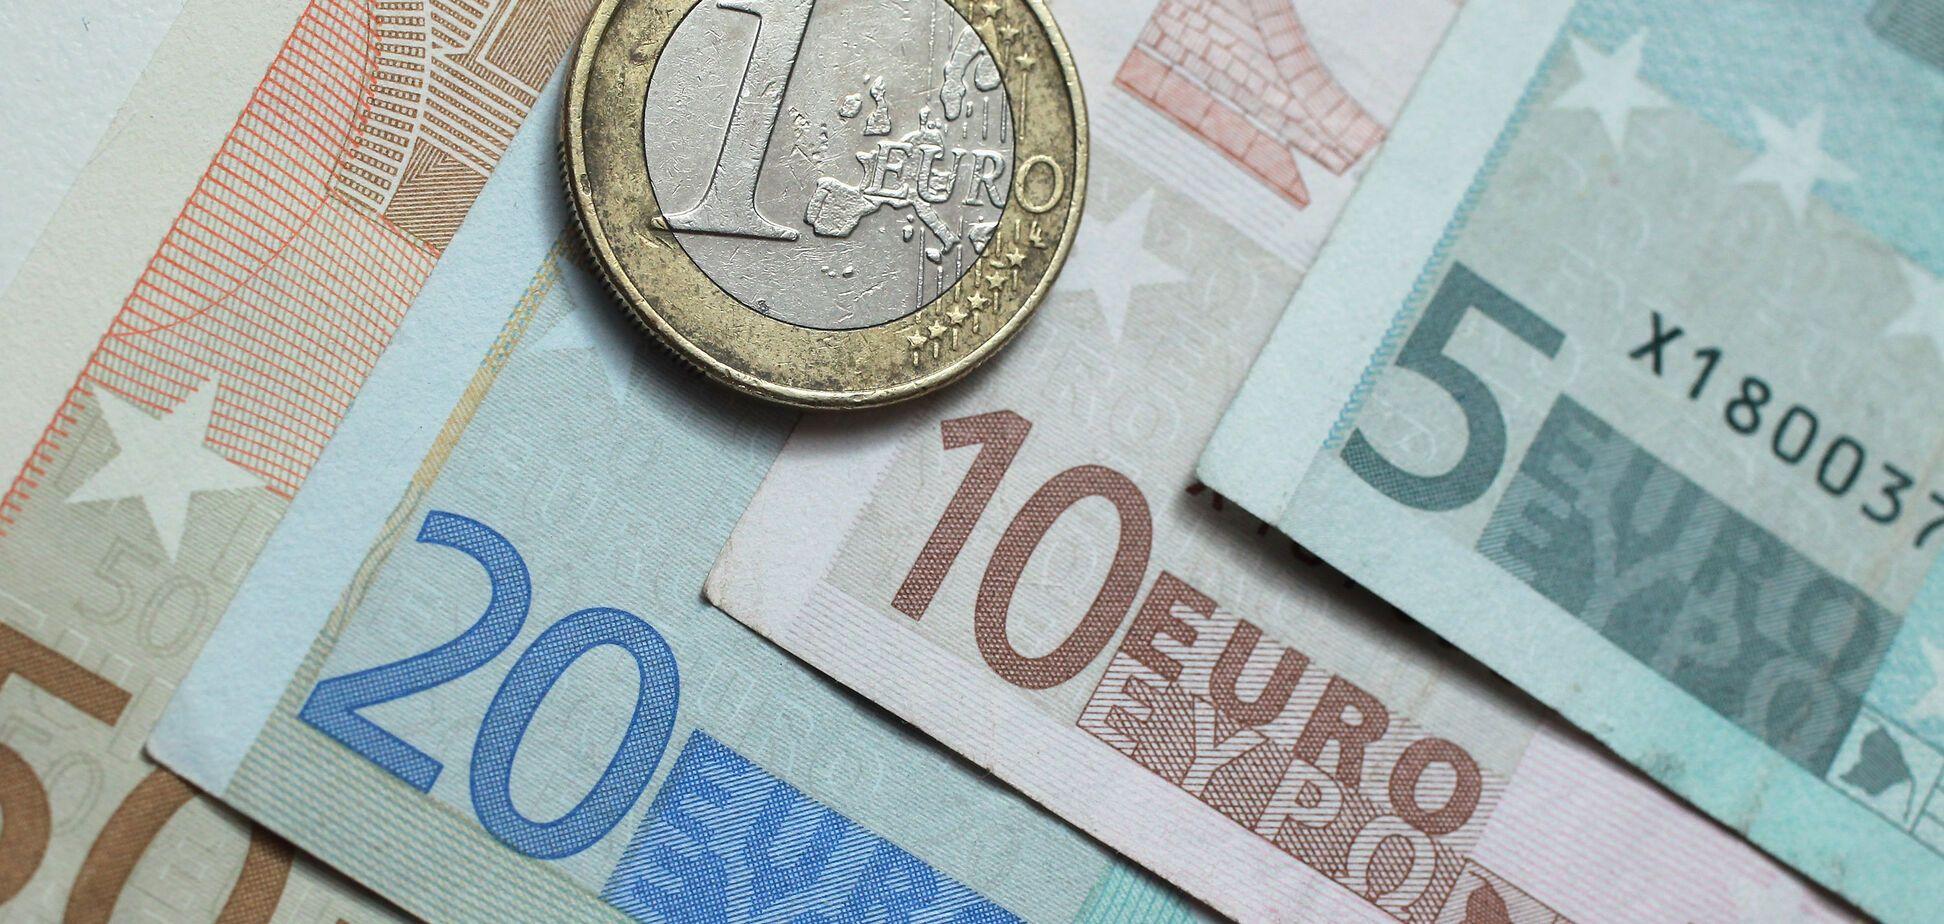 Гривня установила новый антирекорд: обнародован курс валют